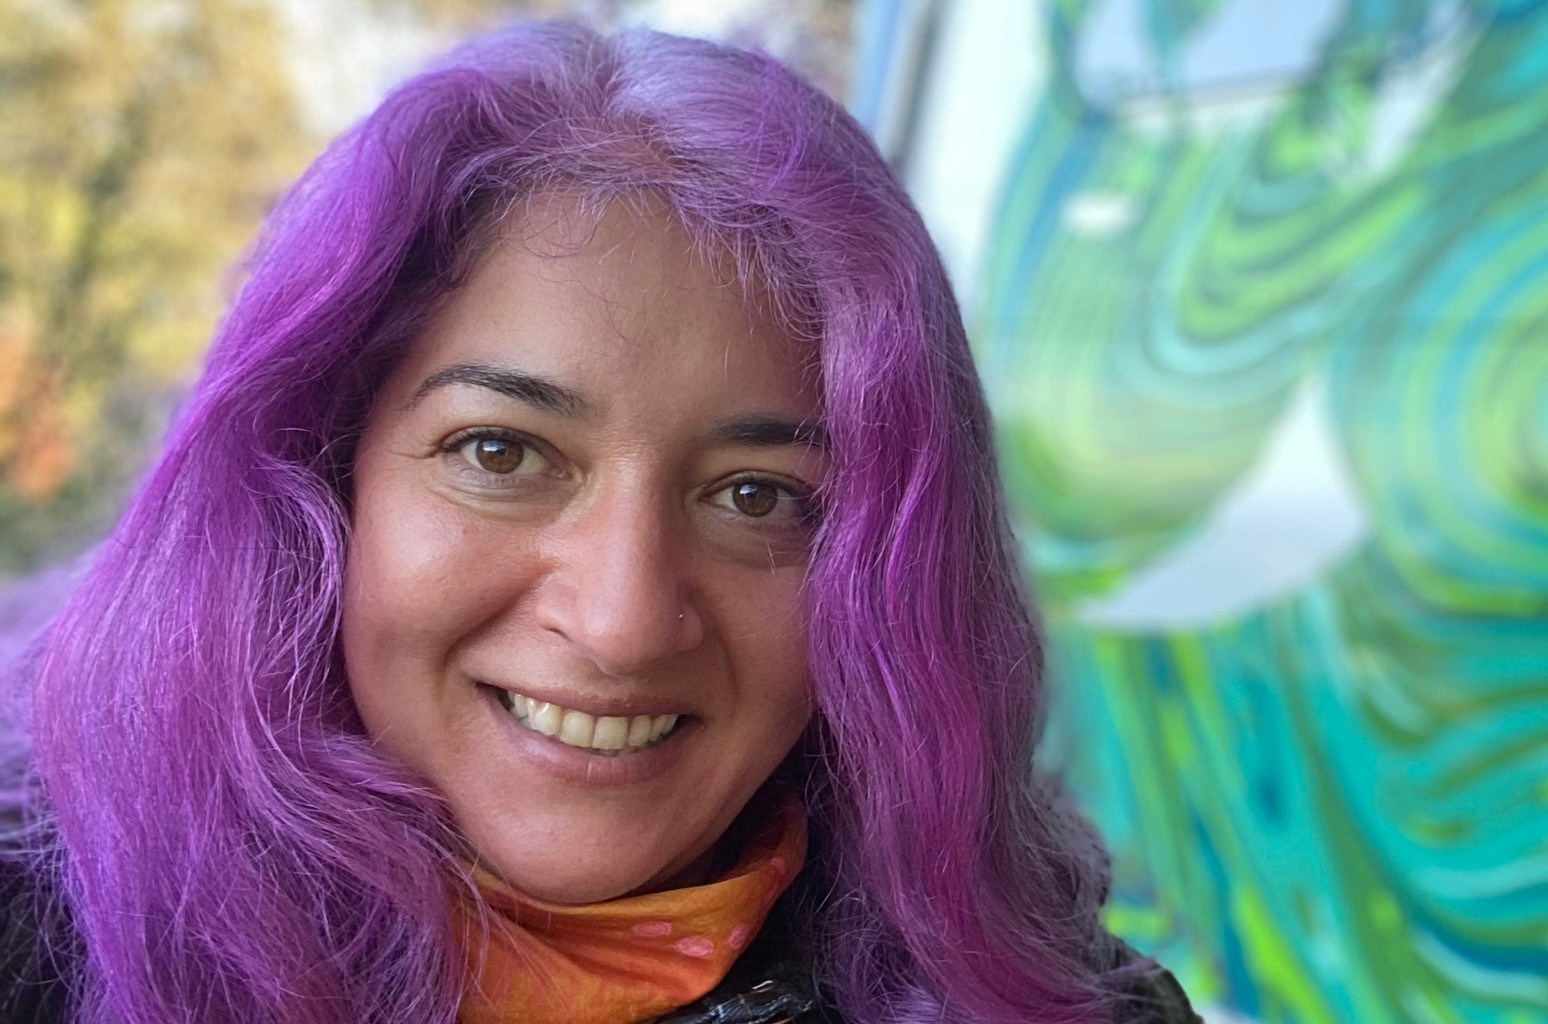 Trixie Garcia